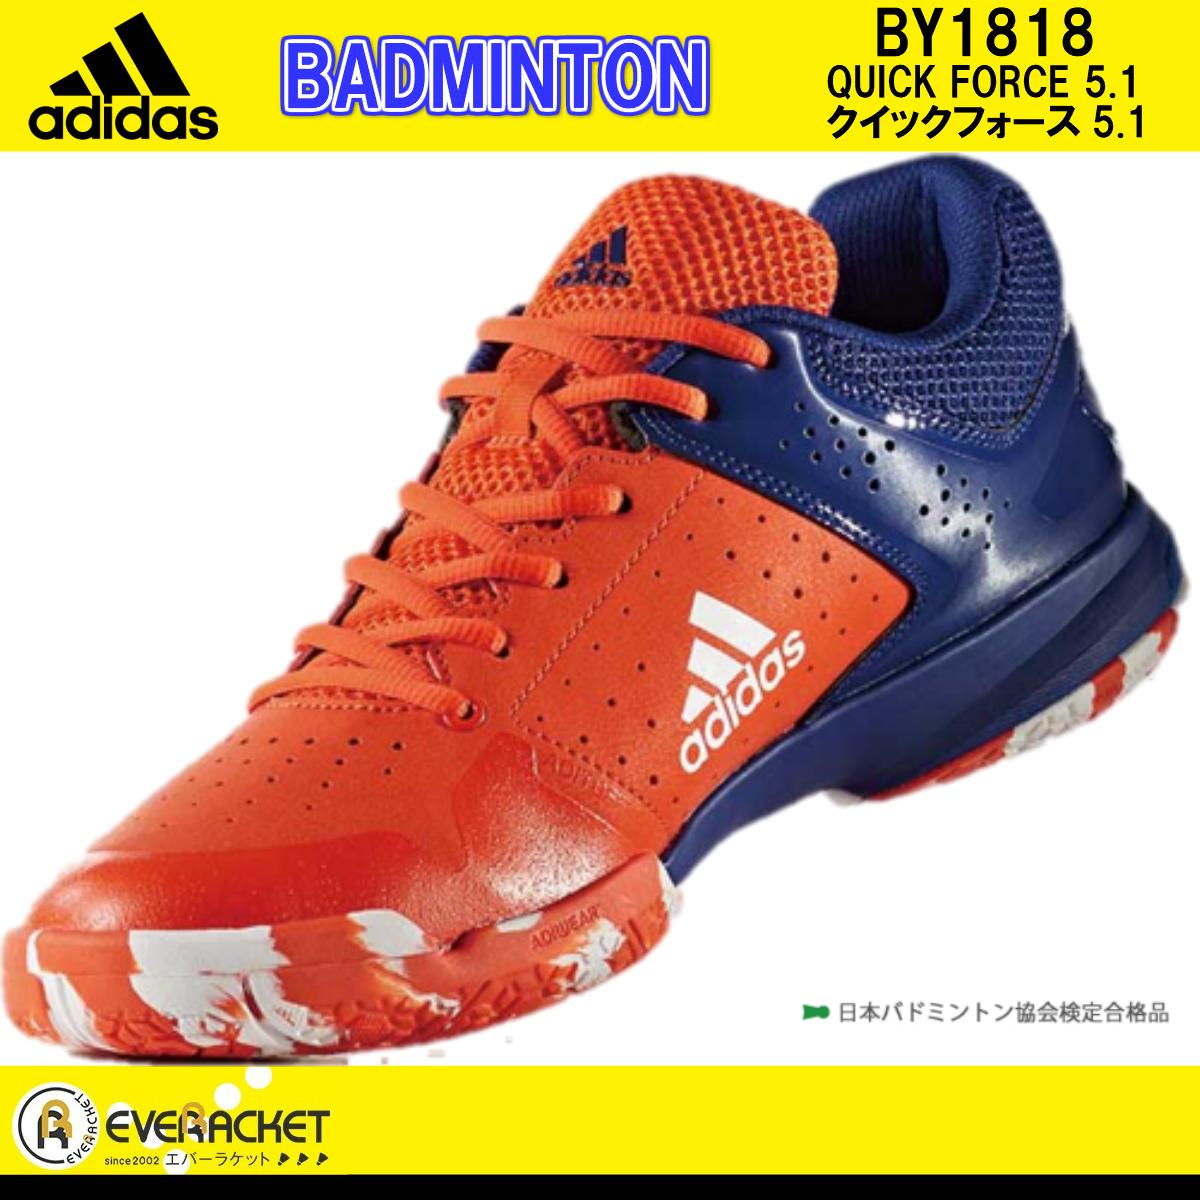 【お買い得商品】 adidas アディダススリービー ラケットスポーツジャパン バドミントン バドミントンシューズ クイックフォース5.1 BY1818